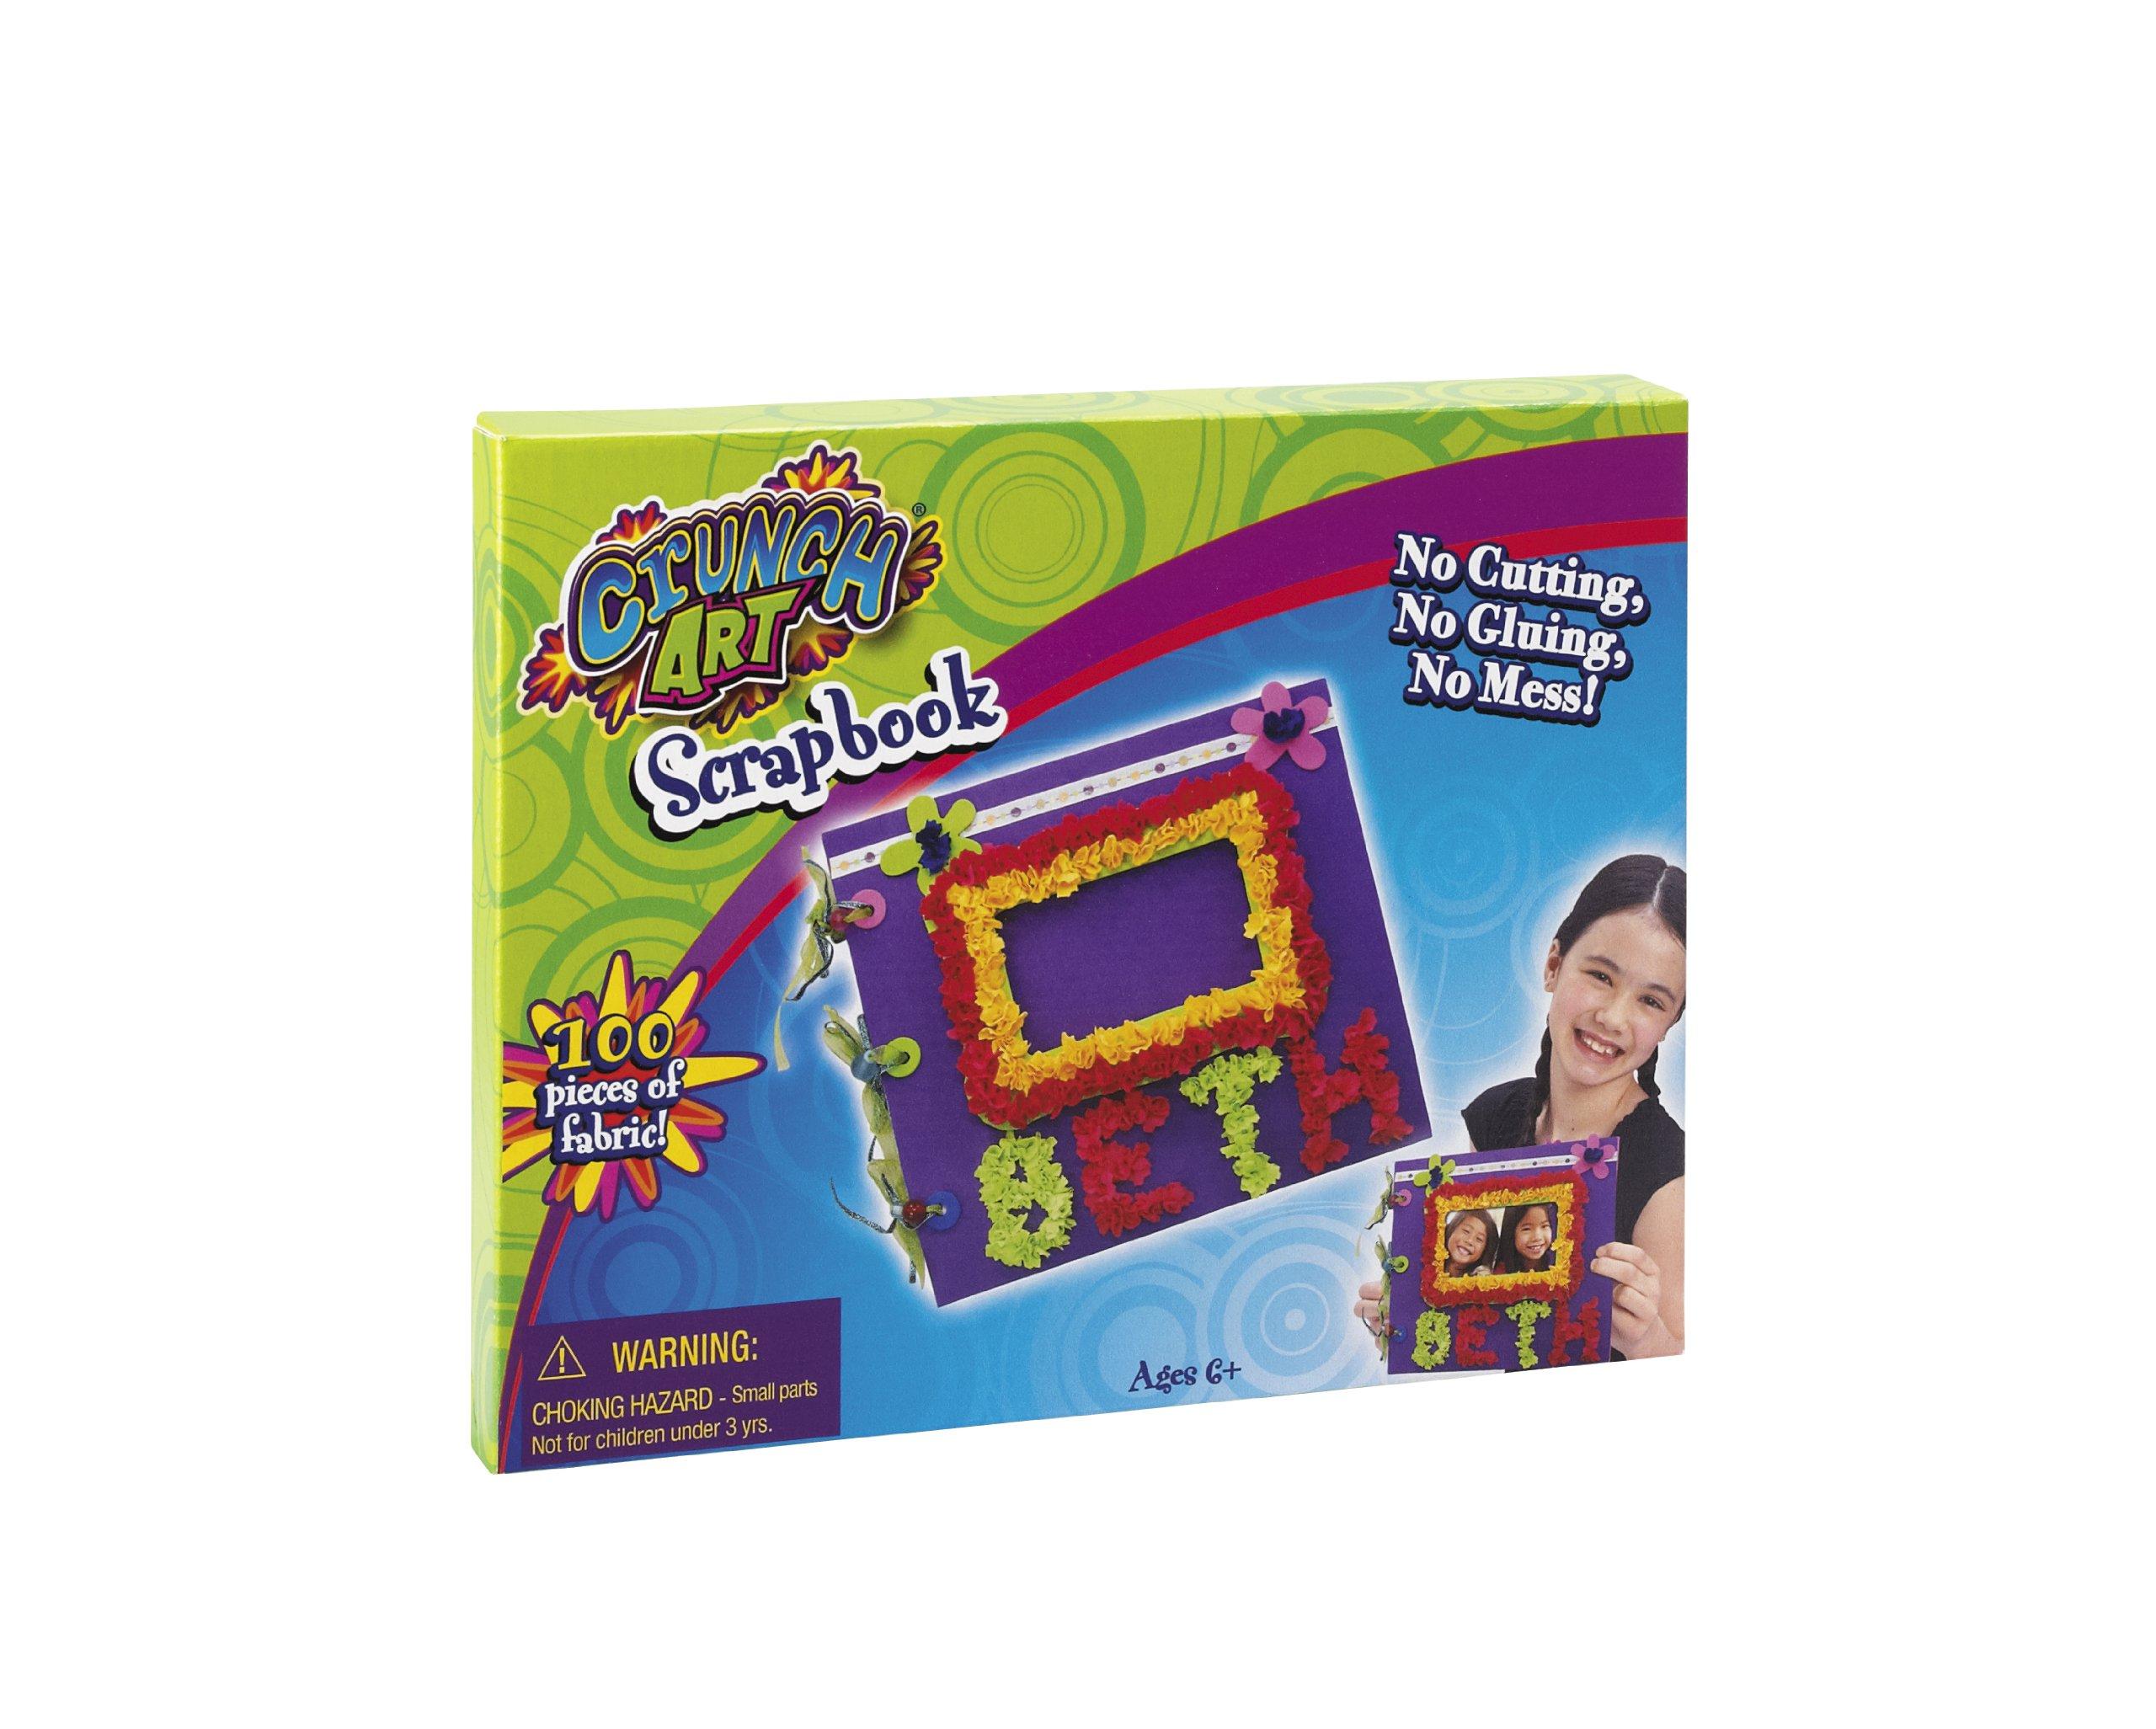 Little Kids Crunch Art Scrapbook Set